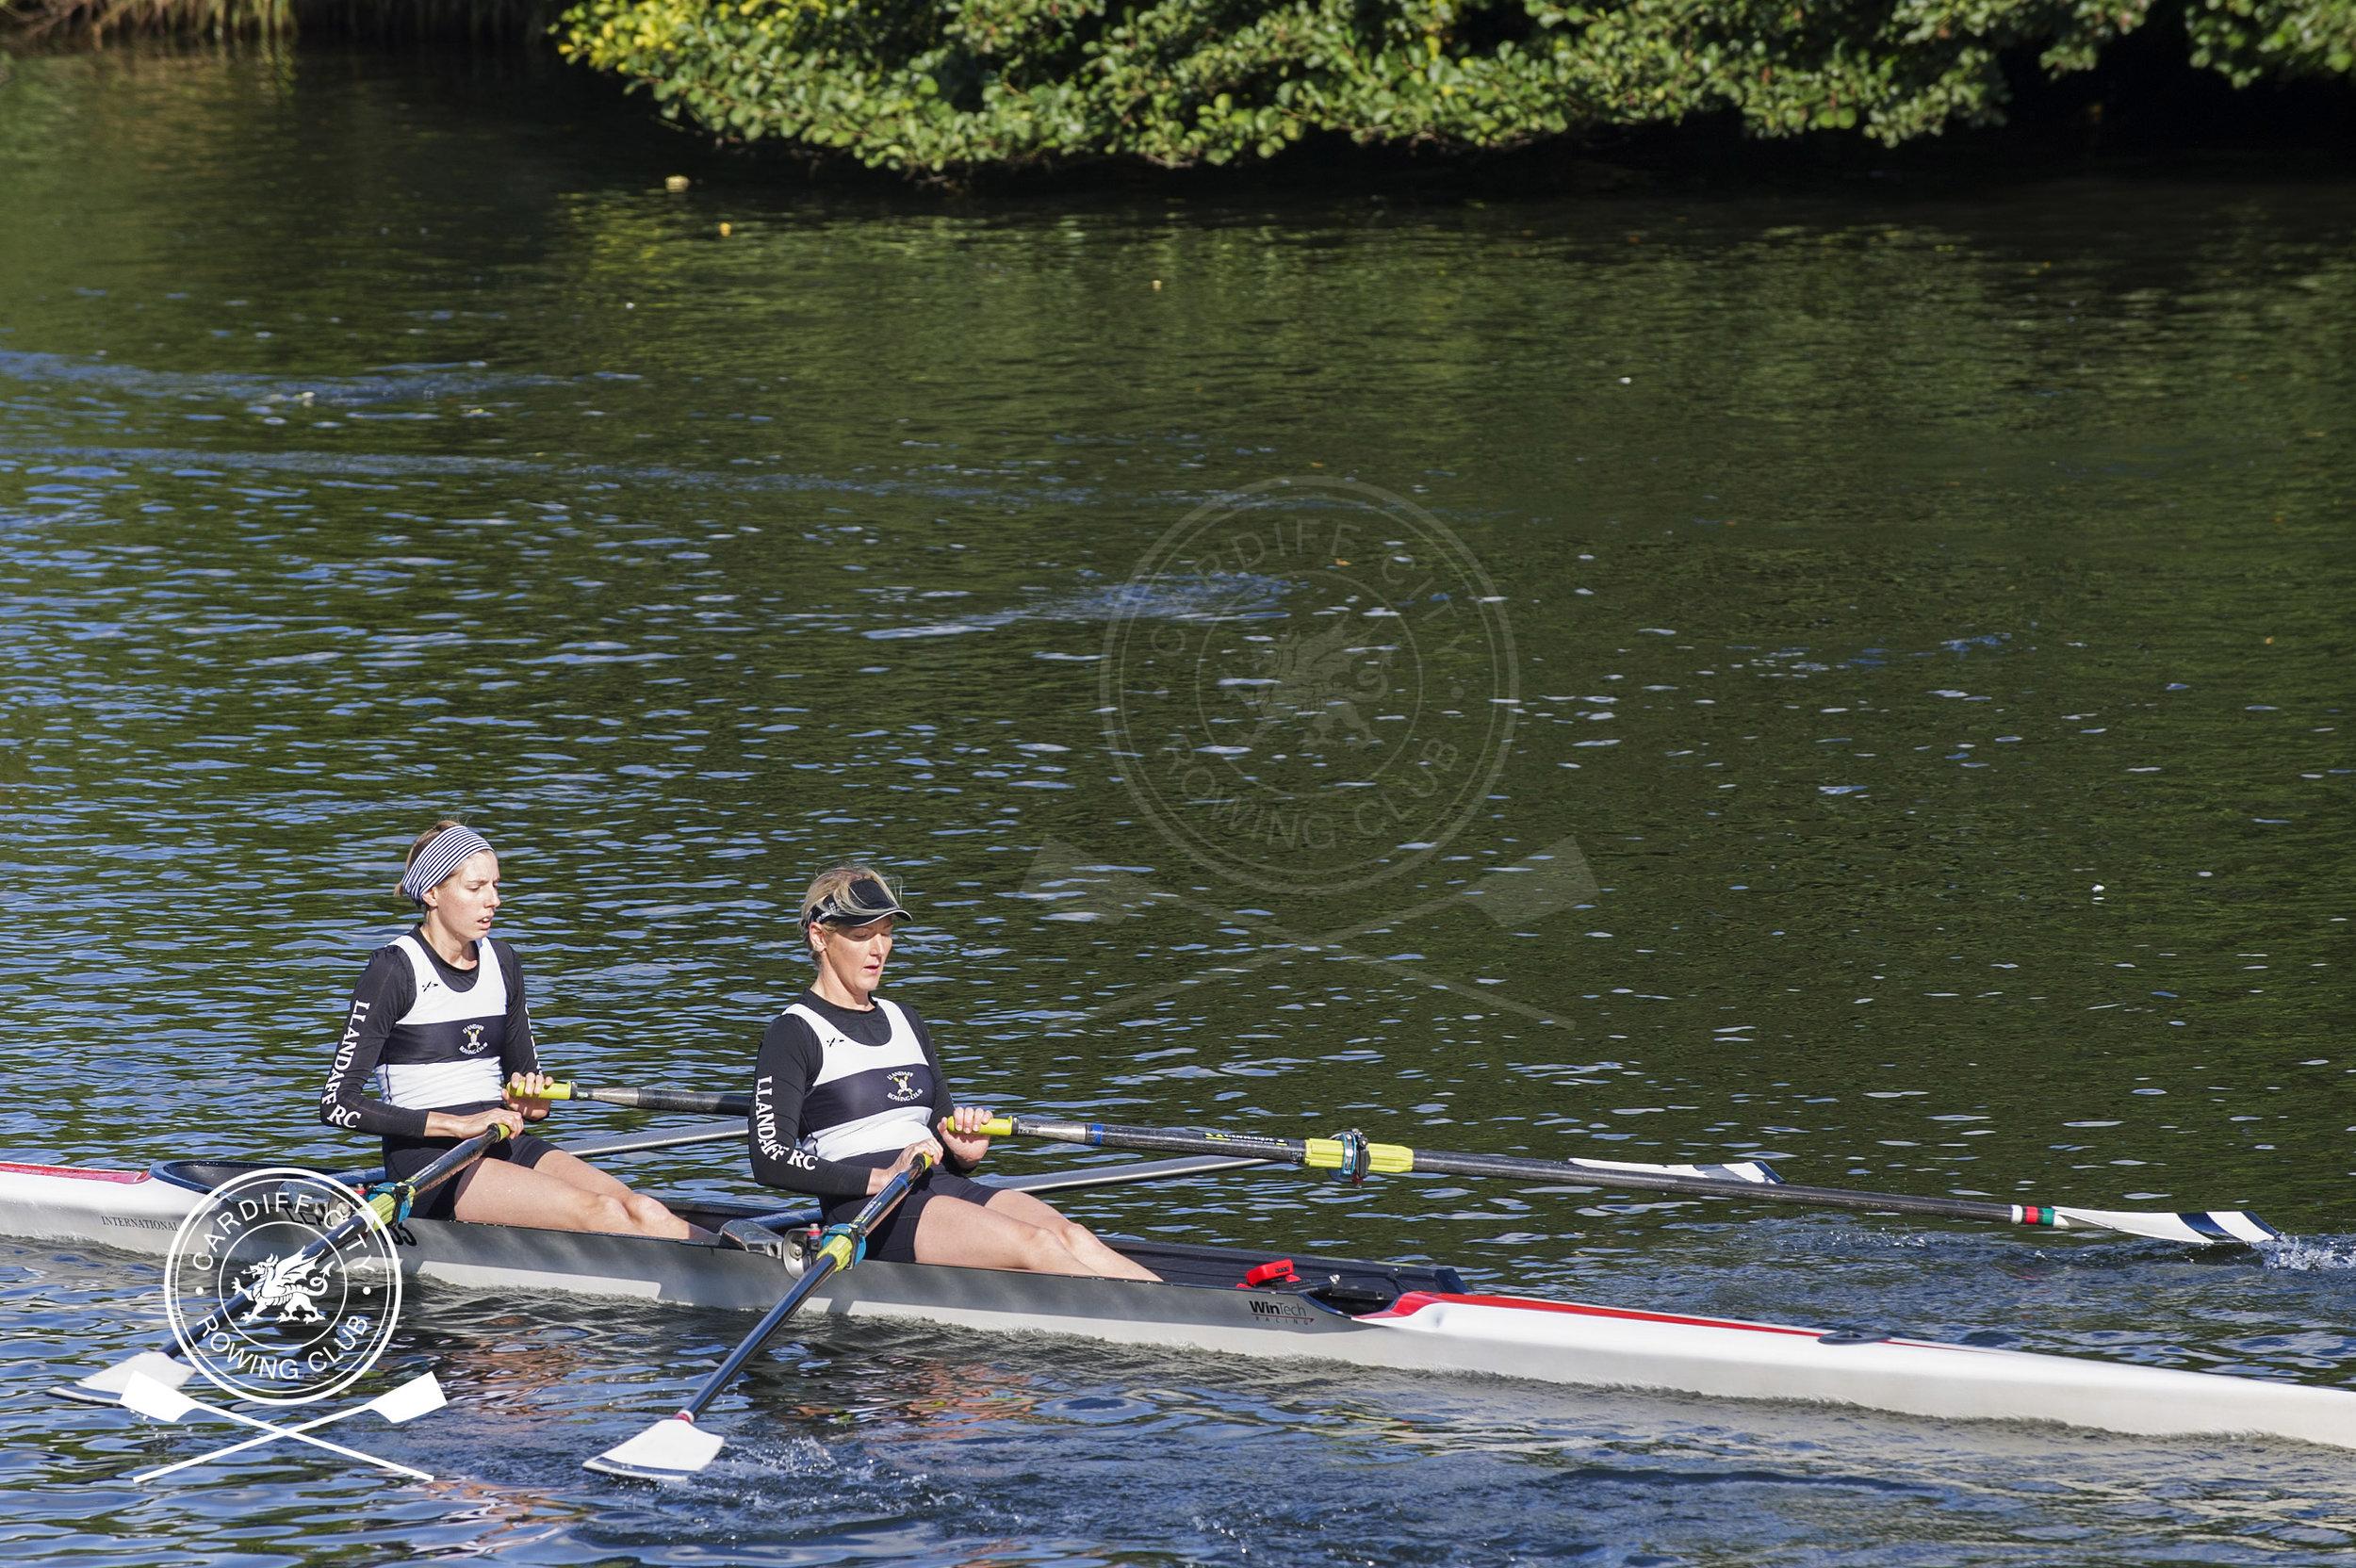 Cardiff_City_Head_Race_173.jpg